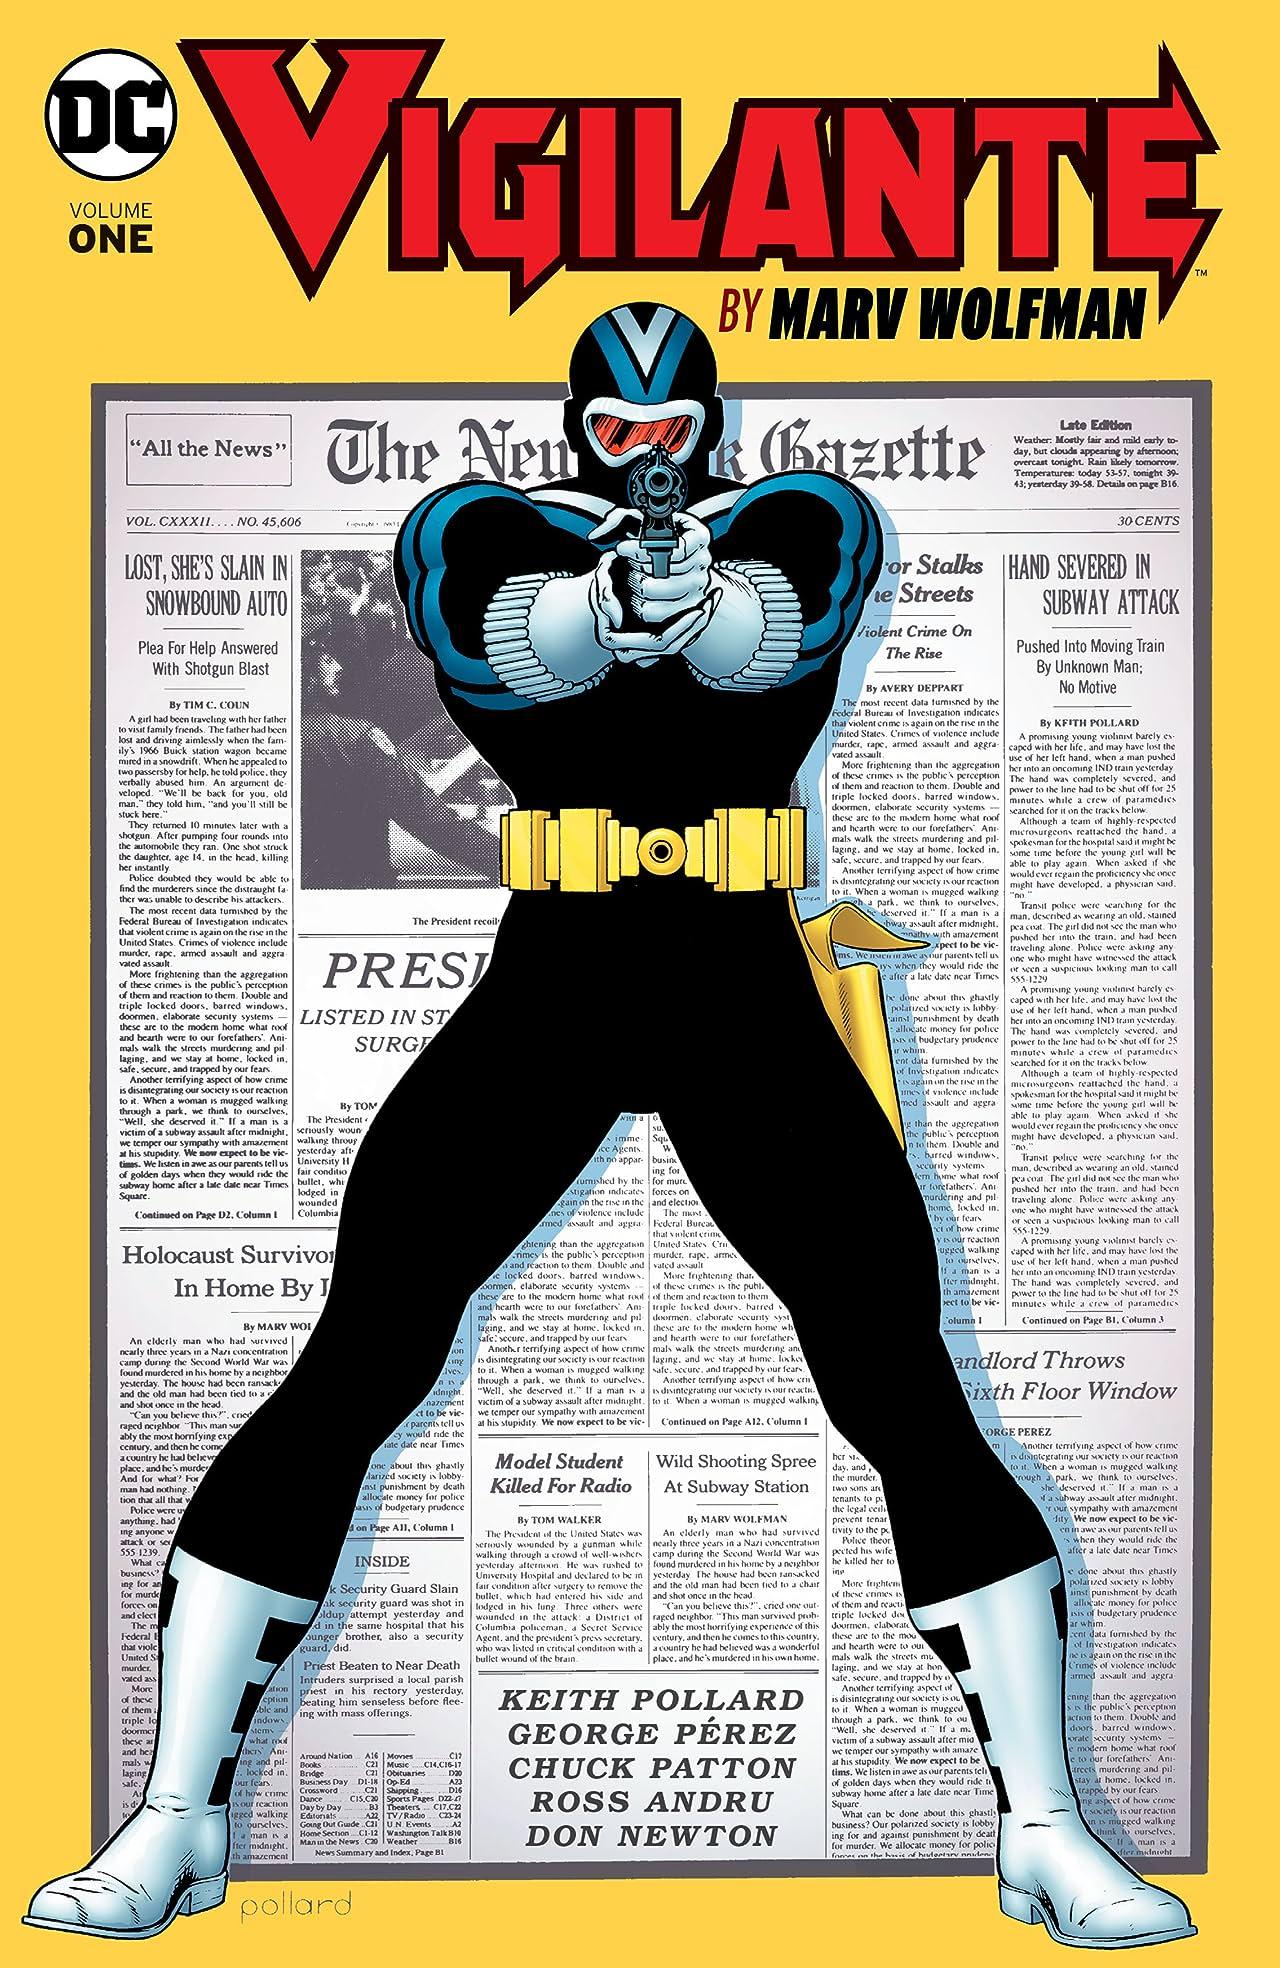 Vigilante by Marv Wolfman Vol. 1